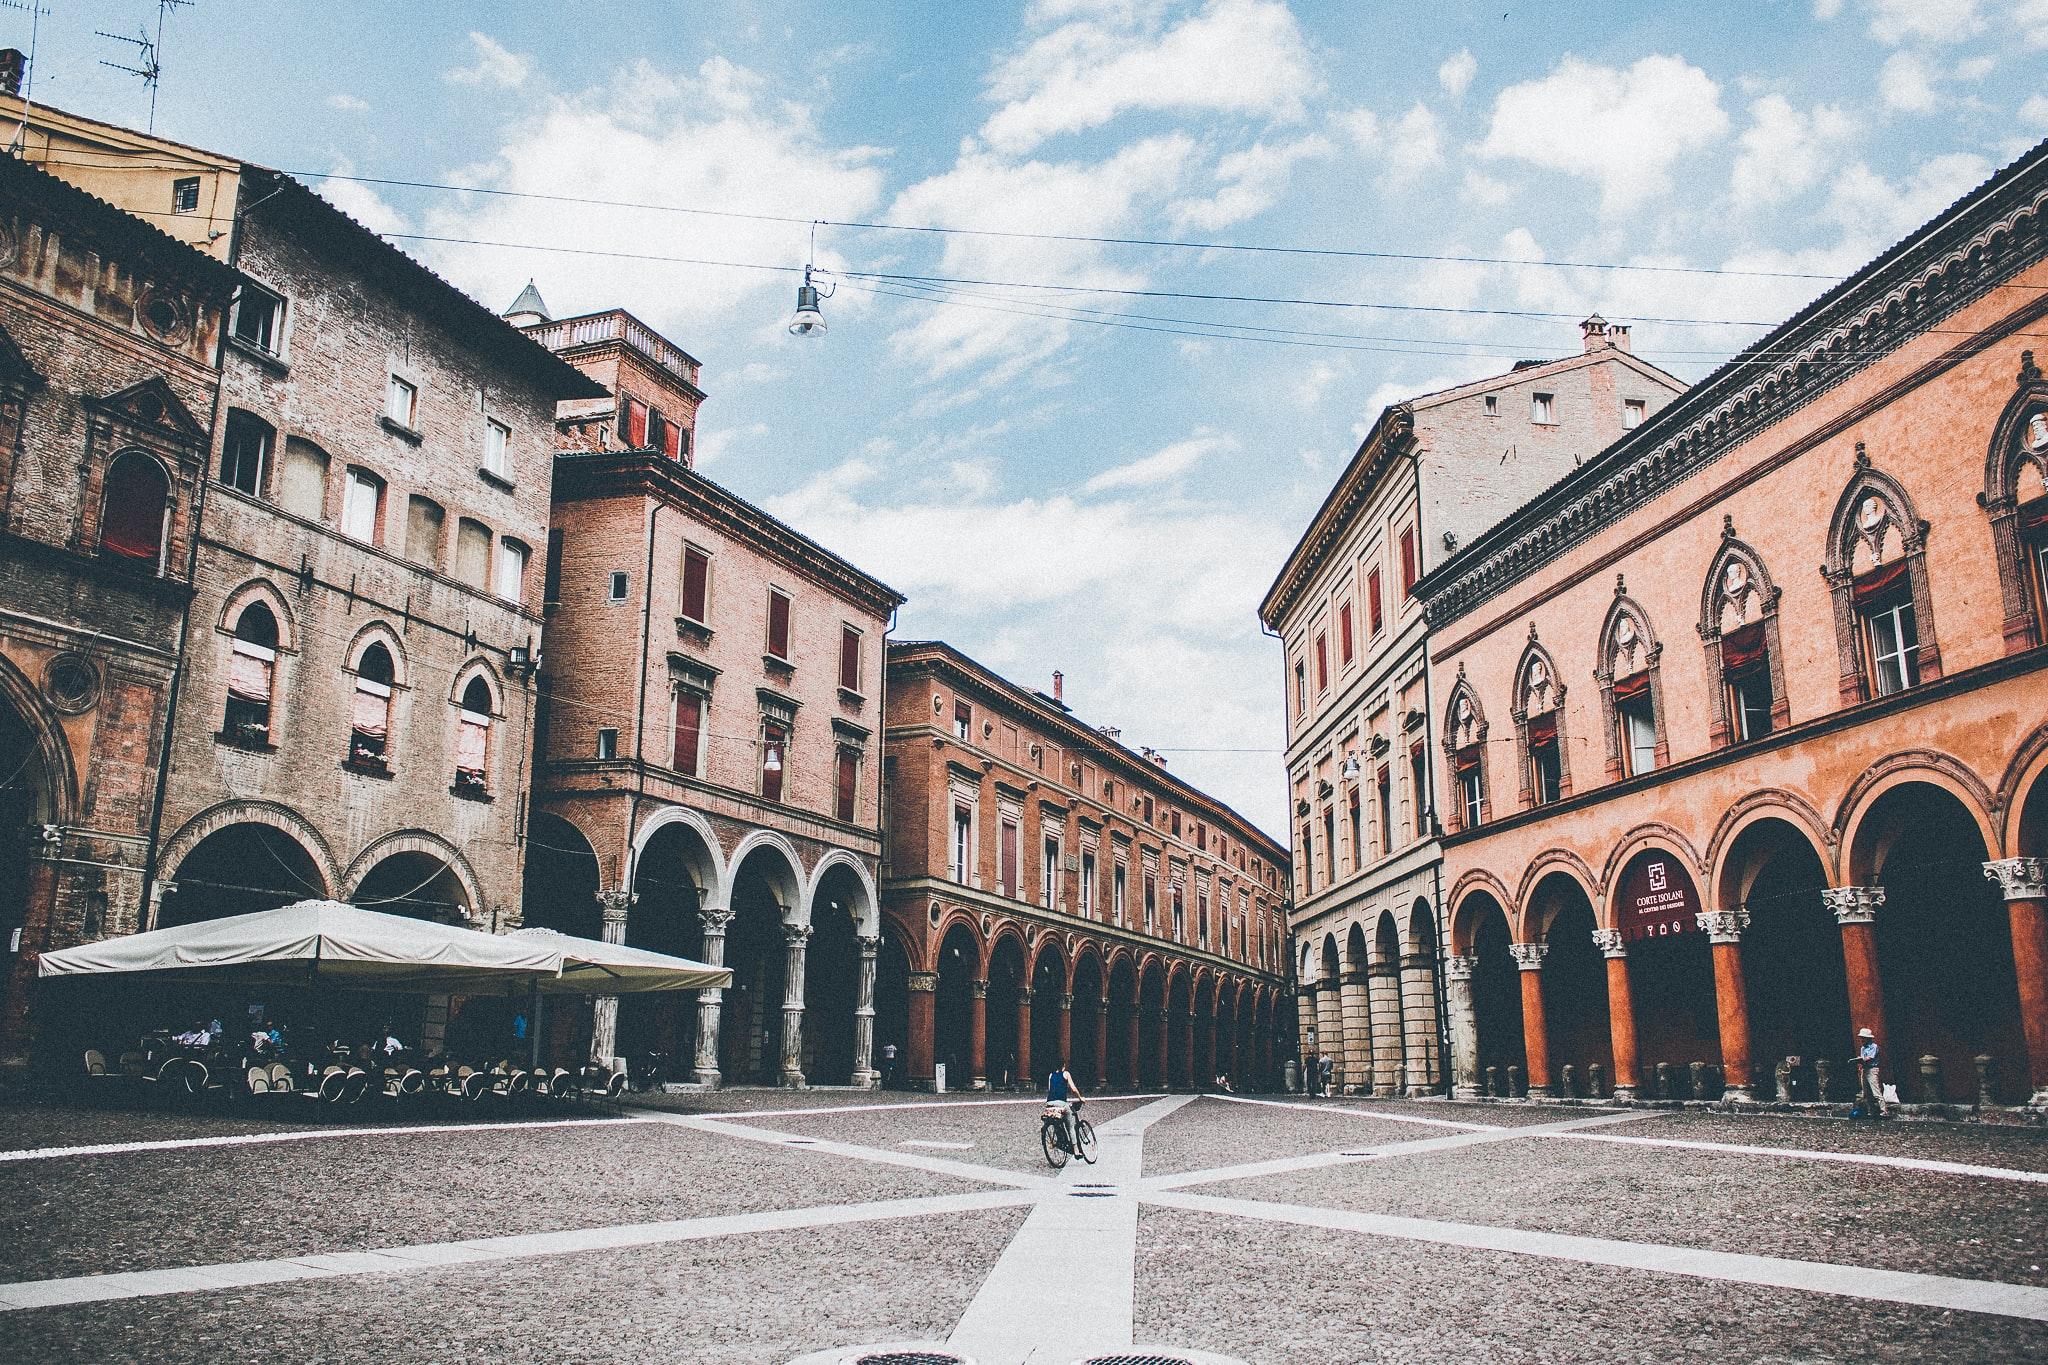 Bologna Gay friendly